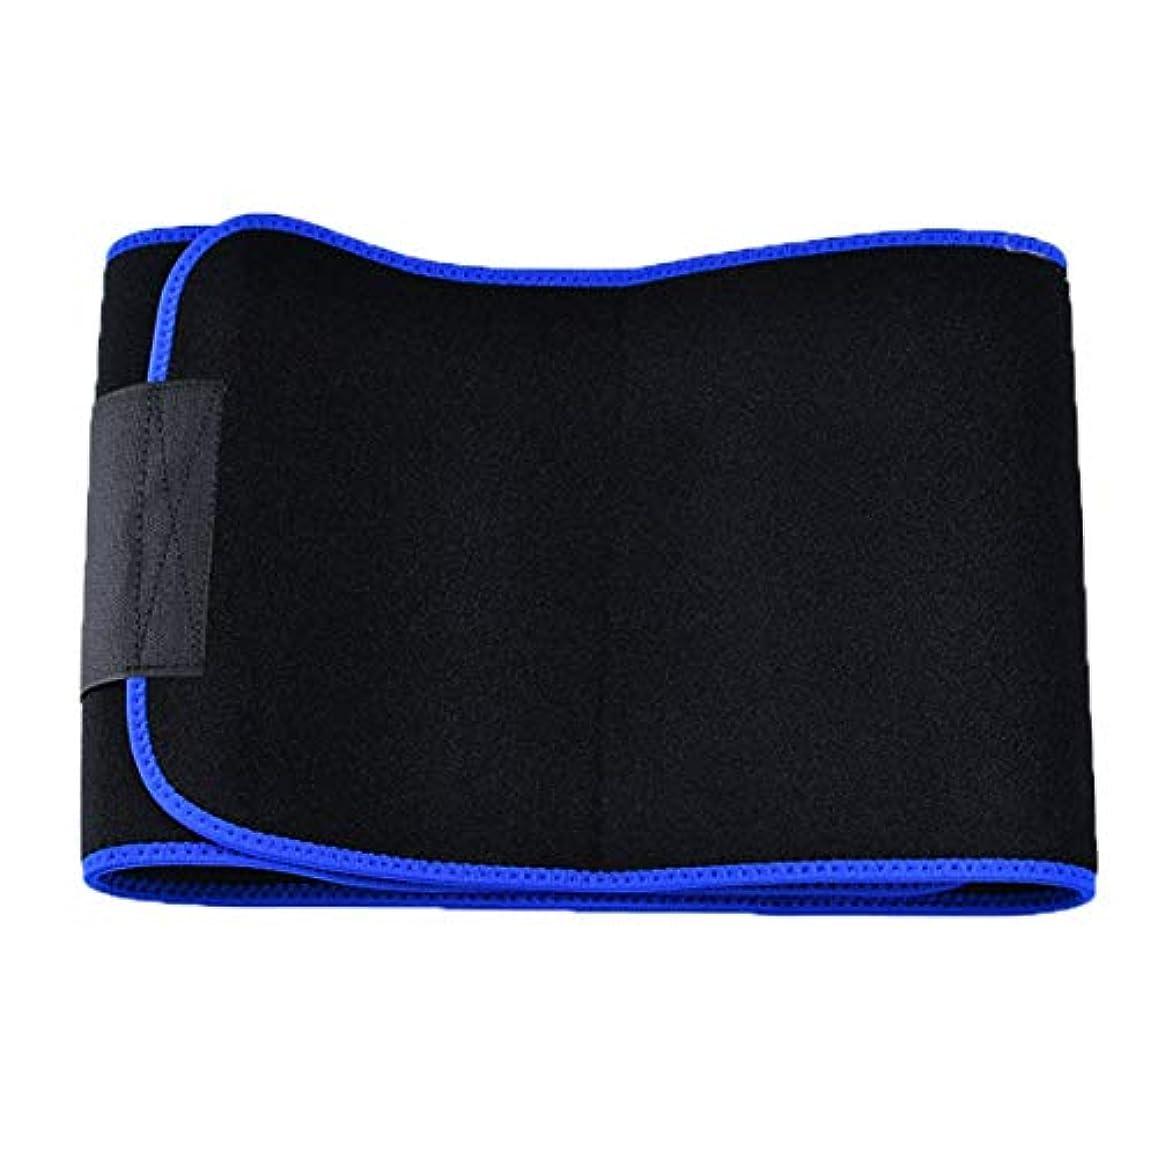 トランスミッション鍔検索腹部プラスチックベルトウエストサポートボディシェイパートレーニングコルセット痩身ウエストベルトスリム汗スポーツ保護具